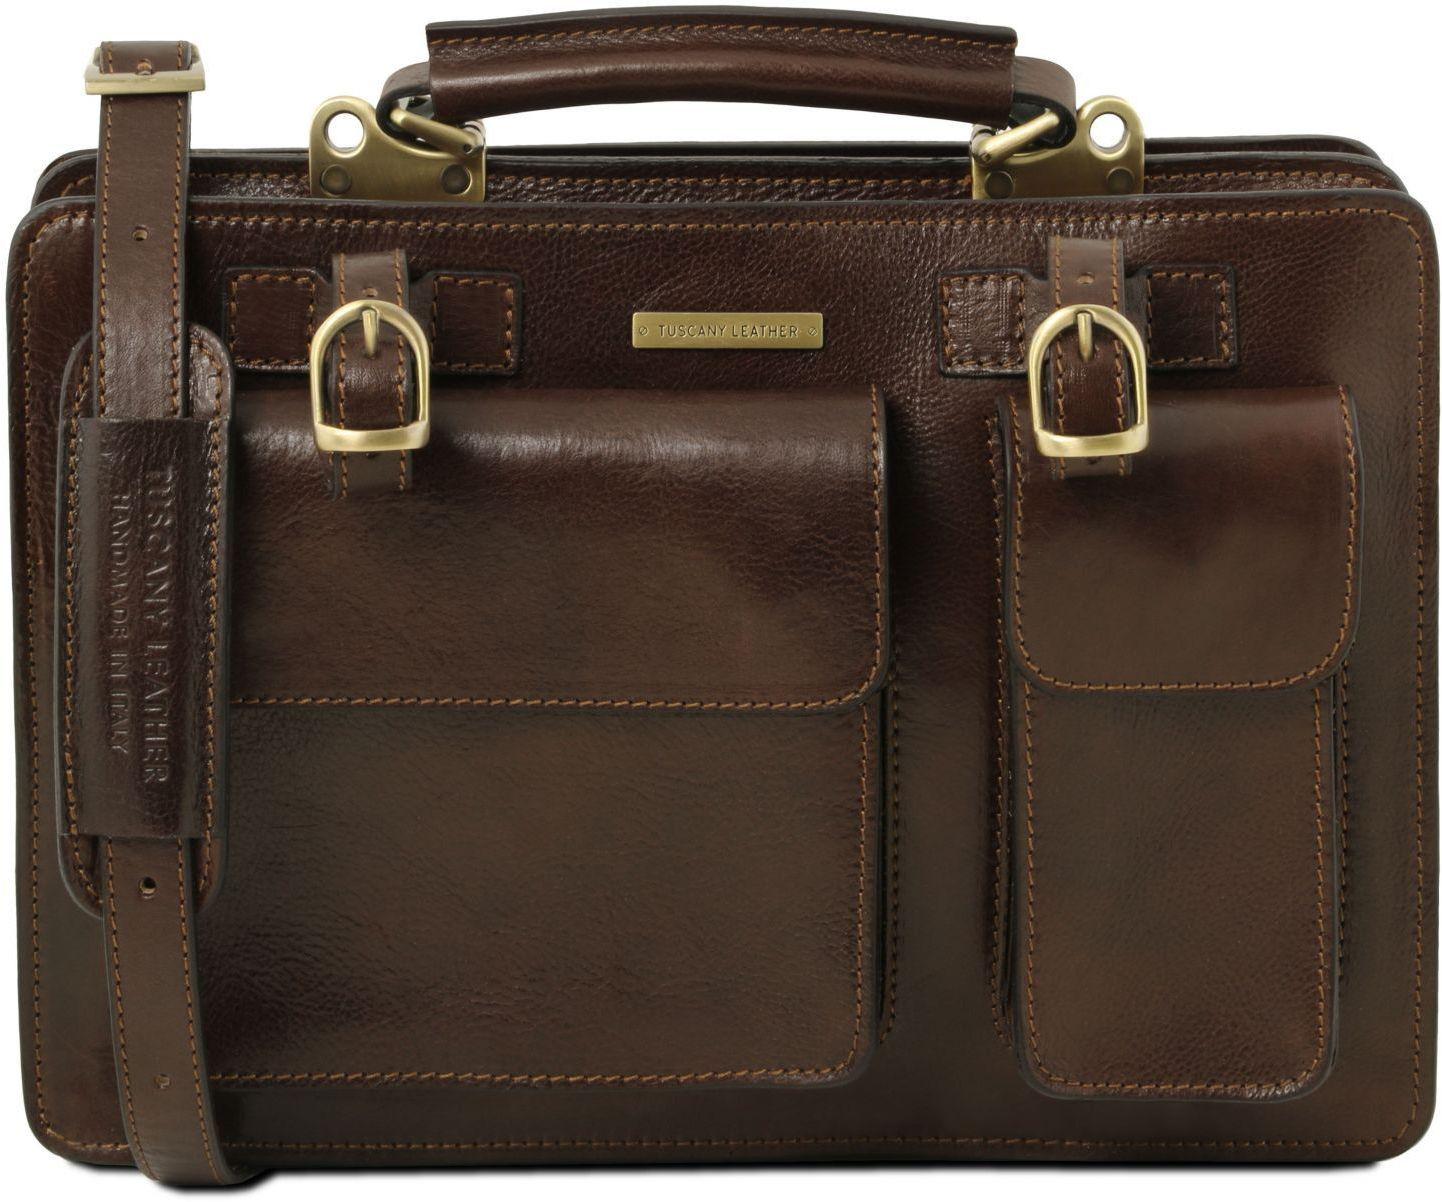 c7b964f82f Γυναικεία Επαγγελματική Τσάντα Δερμάτινη Tania Καφέ σκούρο Tuscany Leather  ...